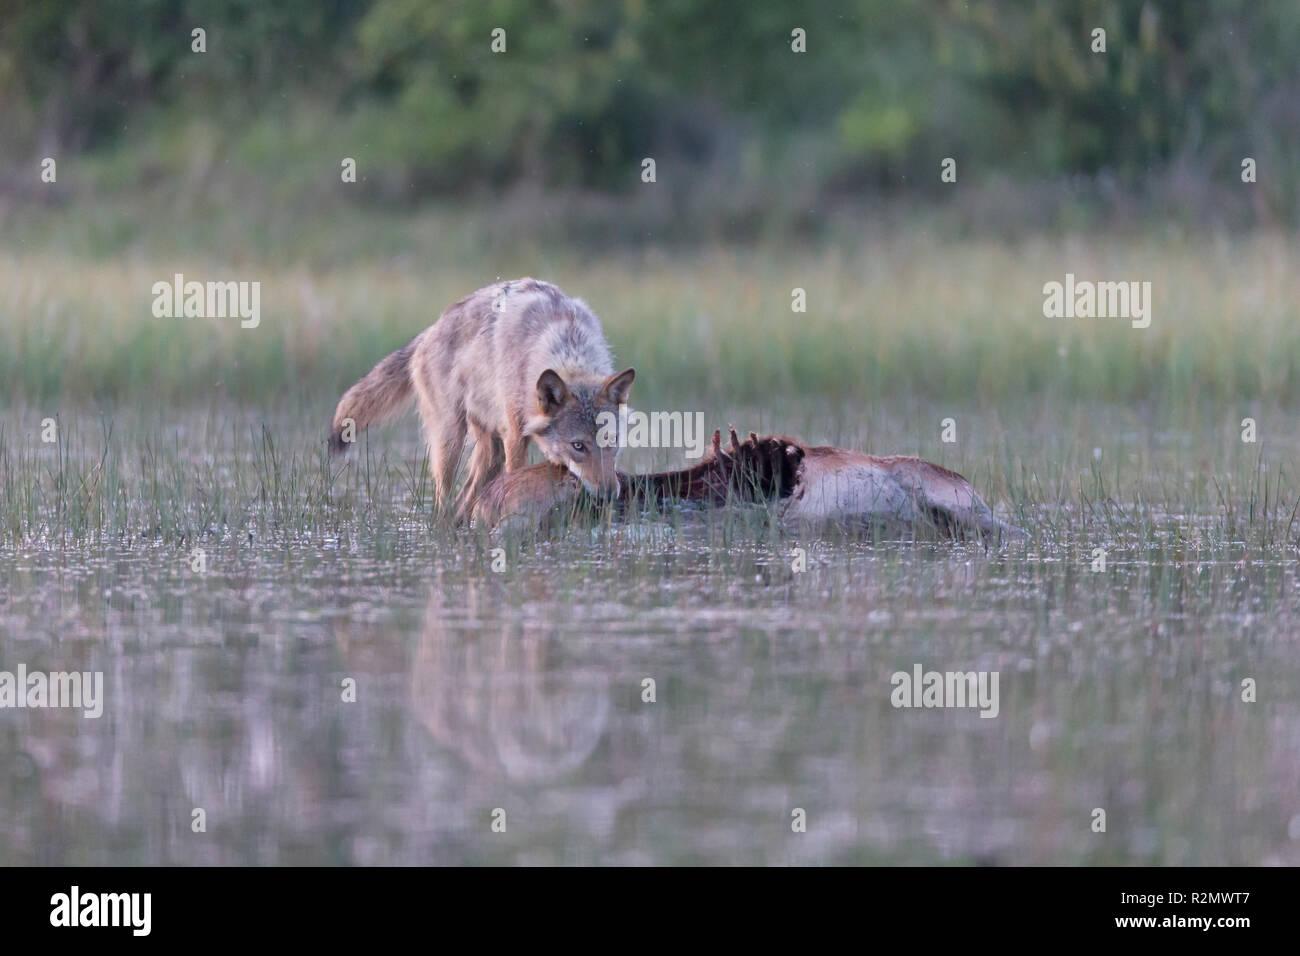 Lupo nel selvaggio, preda, mangiare Immagini Stock